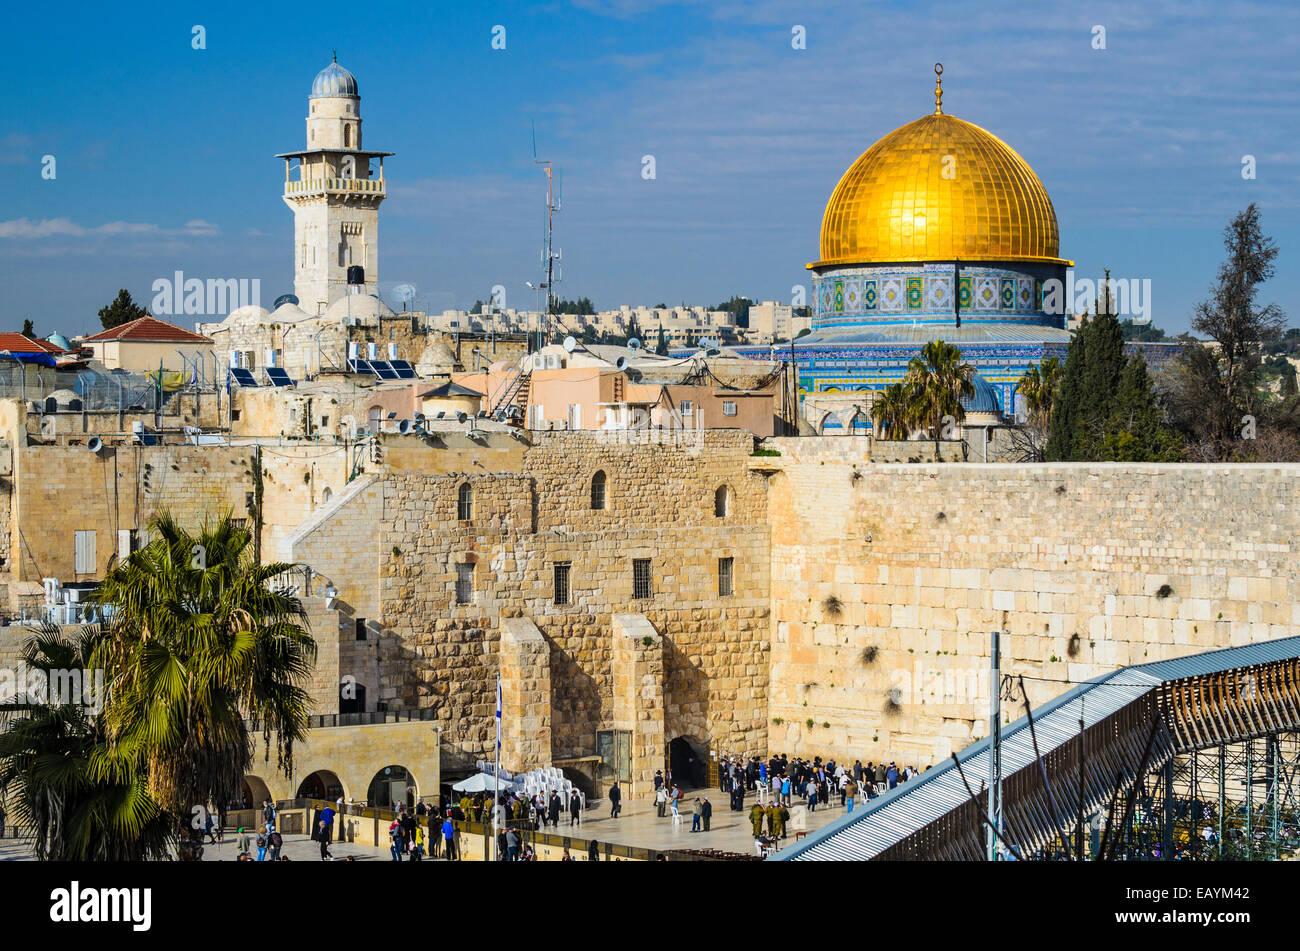 Jerusalén, Israel el paisaje urbano de la ciudad vieja en el Monte del Templo y la cúpula de la roca. Imagen De Stock